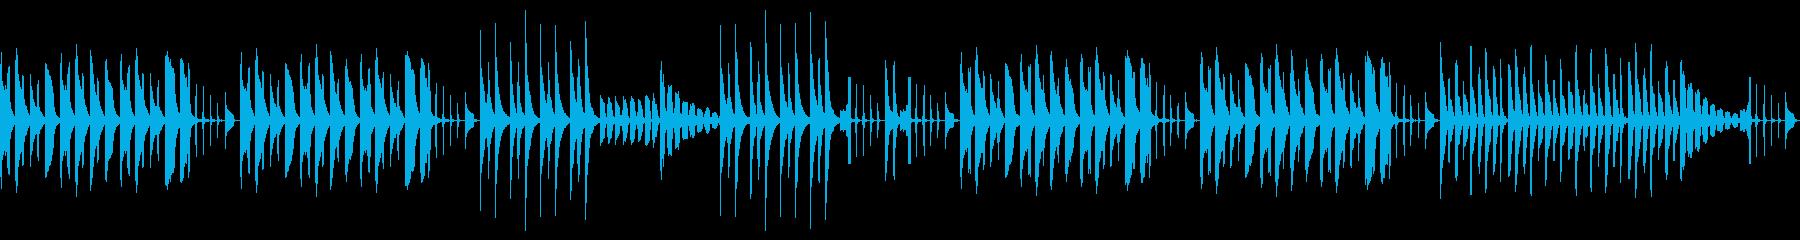 ほのぼの・かわいい日常のシンプルなBGMの再生済みの波形